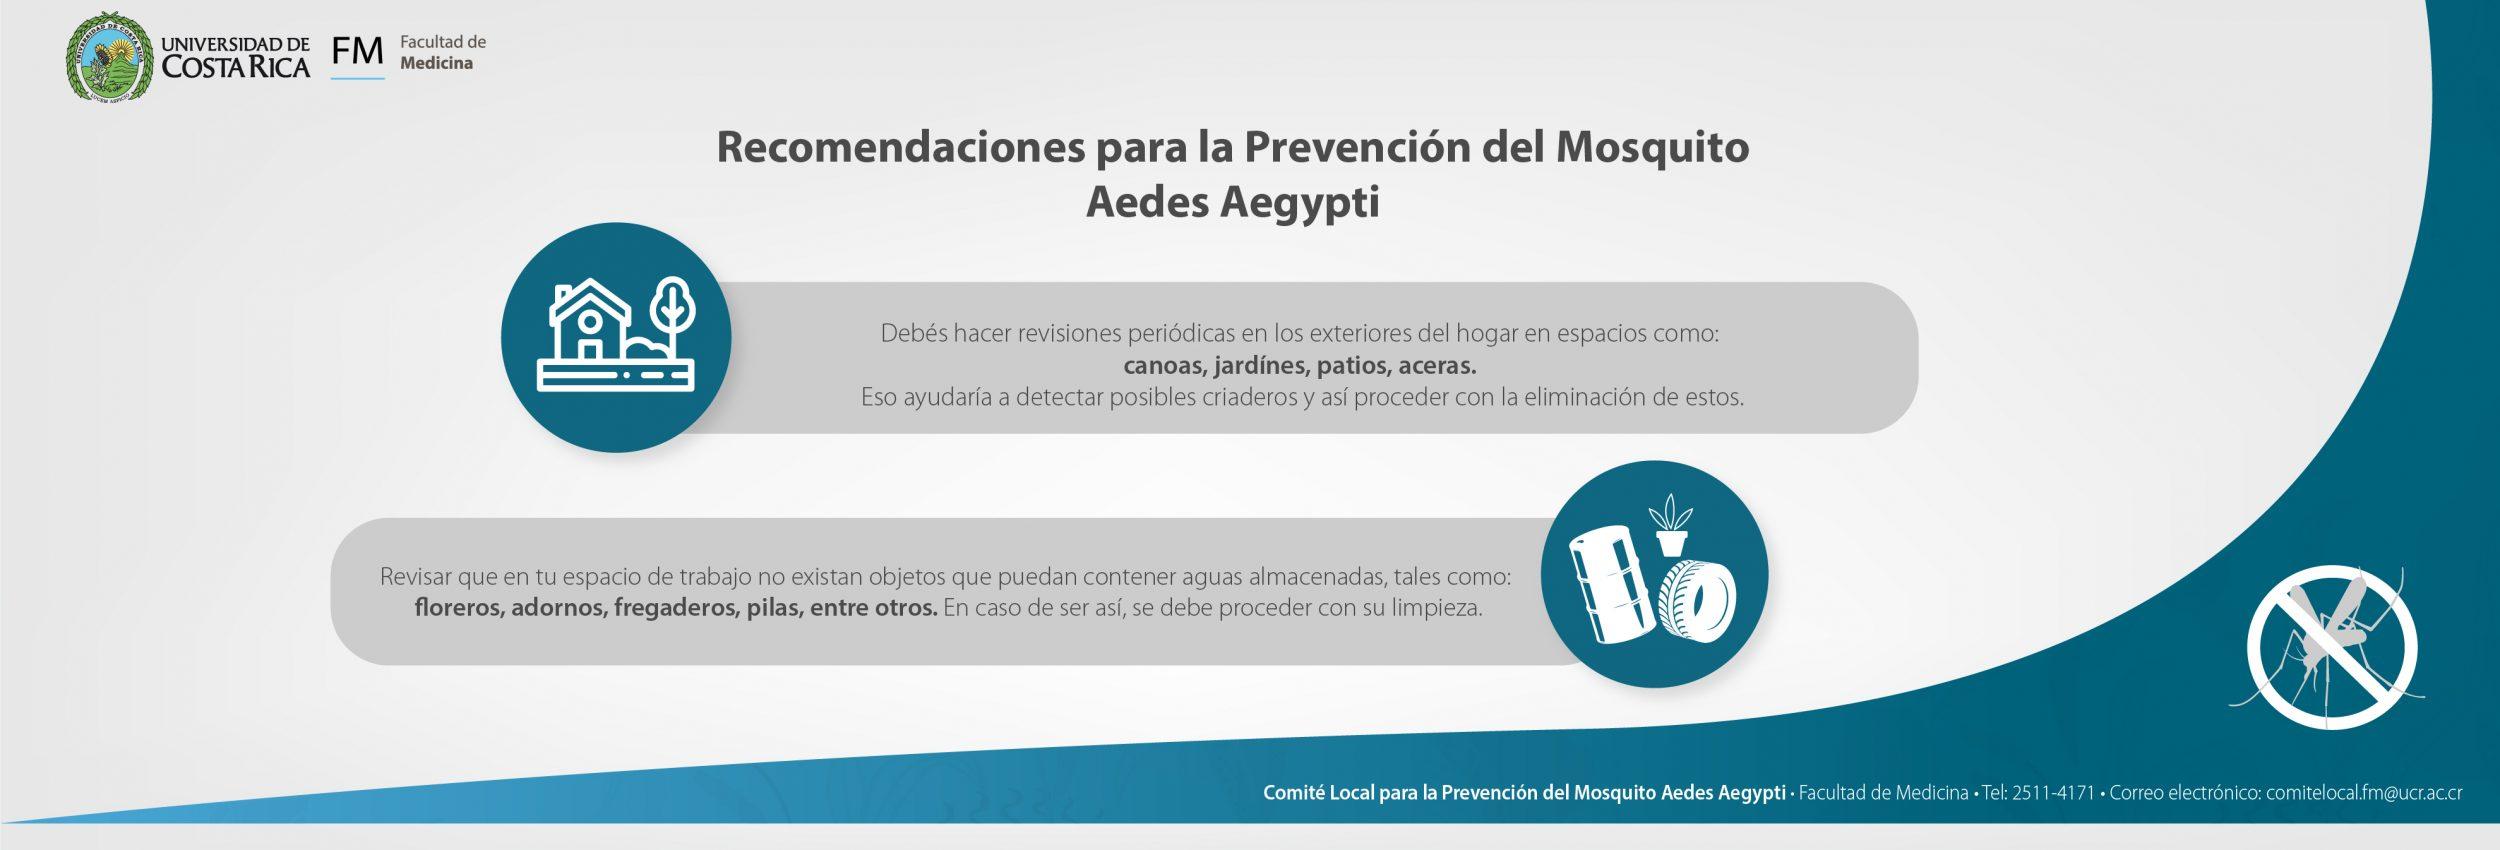 Comité Local para la prevención del Mosquito 6